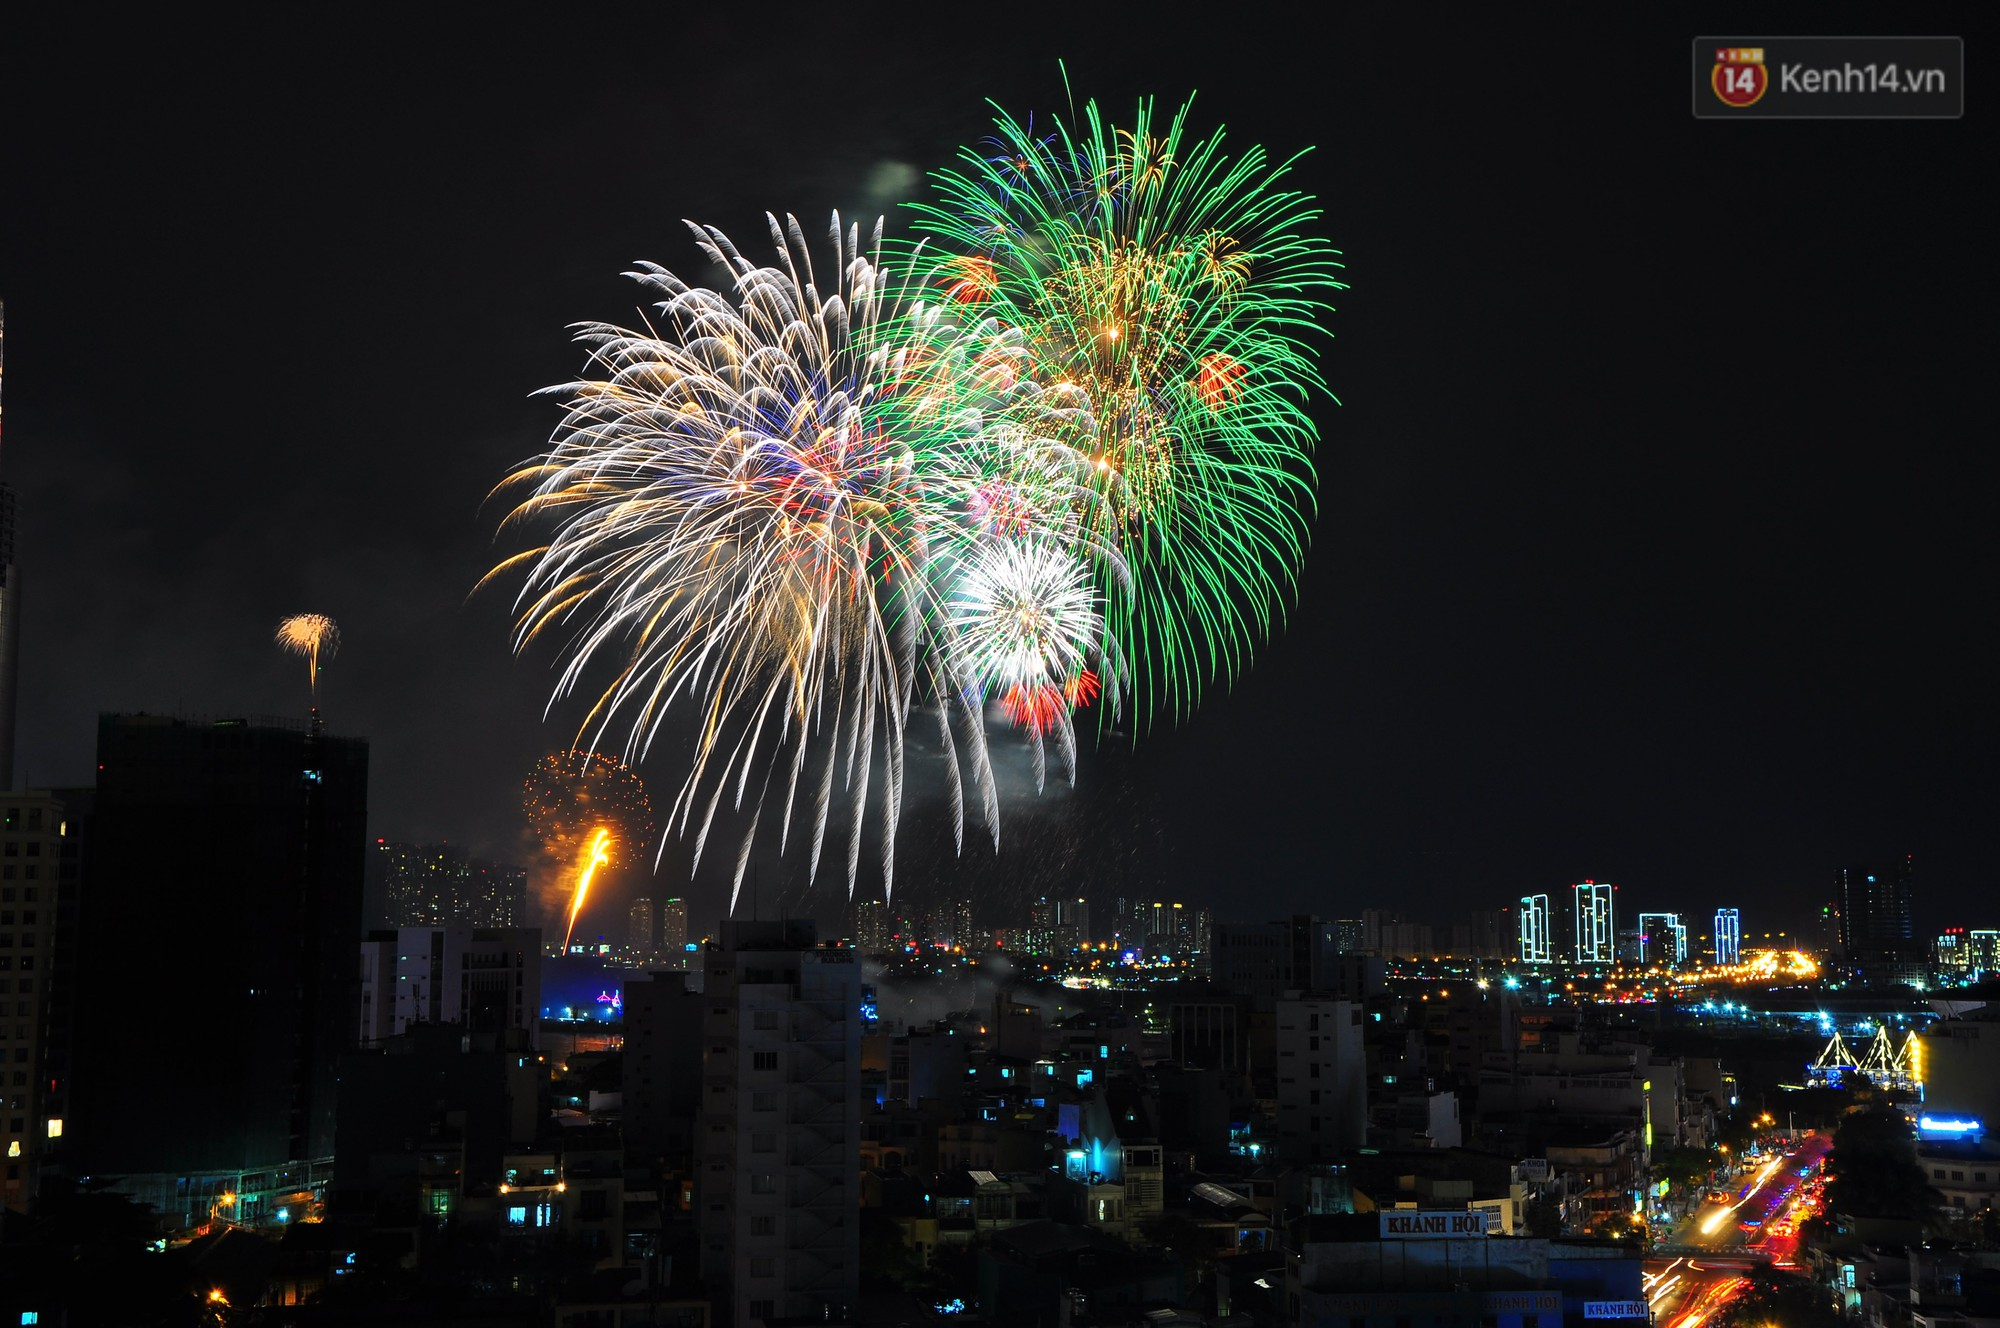 Loạt pháo hoa đẹp rực rỡ trên bầu trời Sài Gòn mừng 44 năm Giải phóng miền Nam thống nhất đất nước - Ảnh 4.